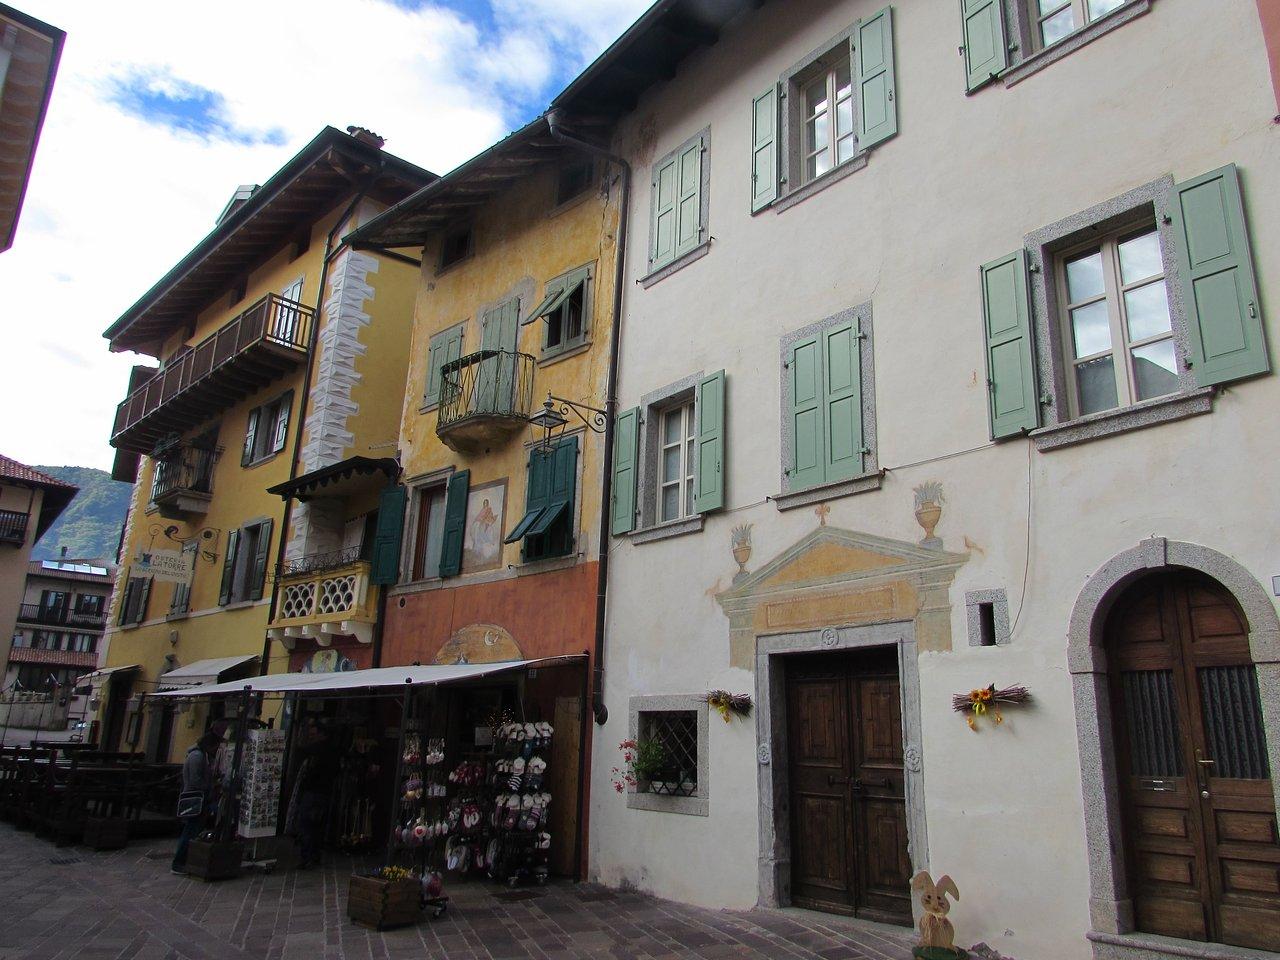 Trentino Alto Adige Artigianato la bottega dell'artigiano (pieve di ledro) - 2020 all you